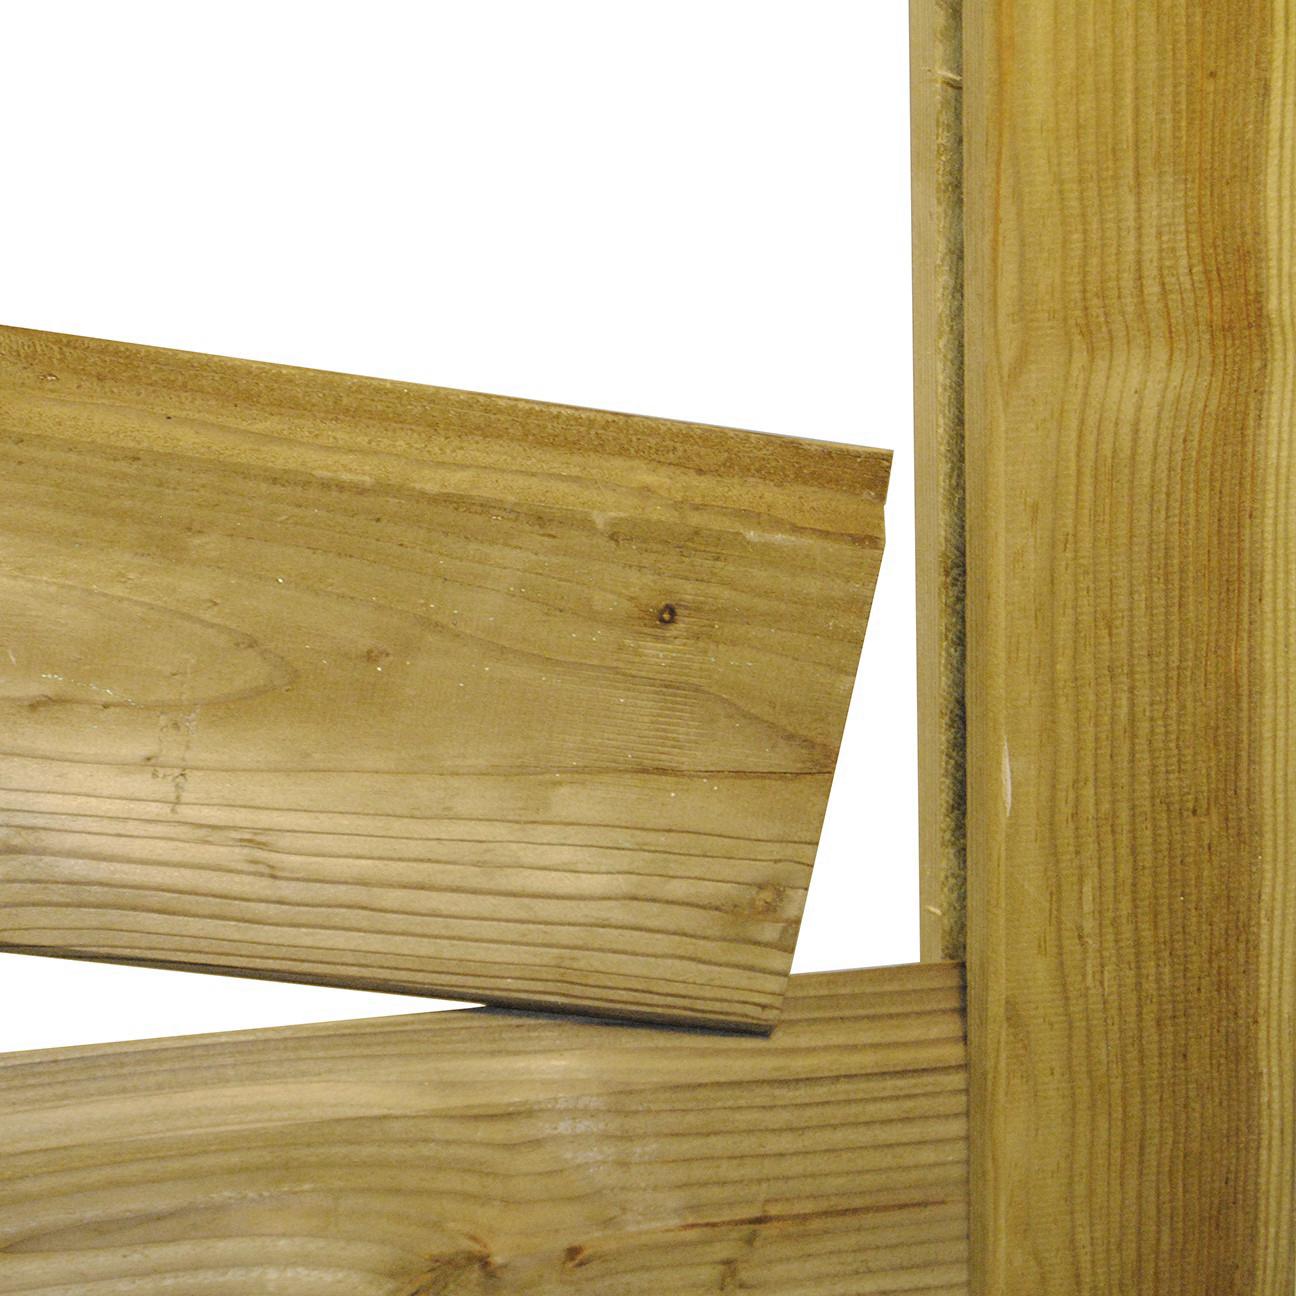 poteaux bois 9 x 9 rainur s prix poteaux bois idea bois nicolas. Black Bedroom Furniture Sets. Home Design Ideas